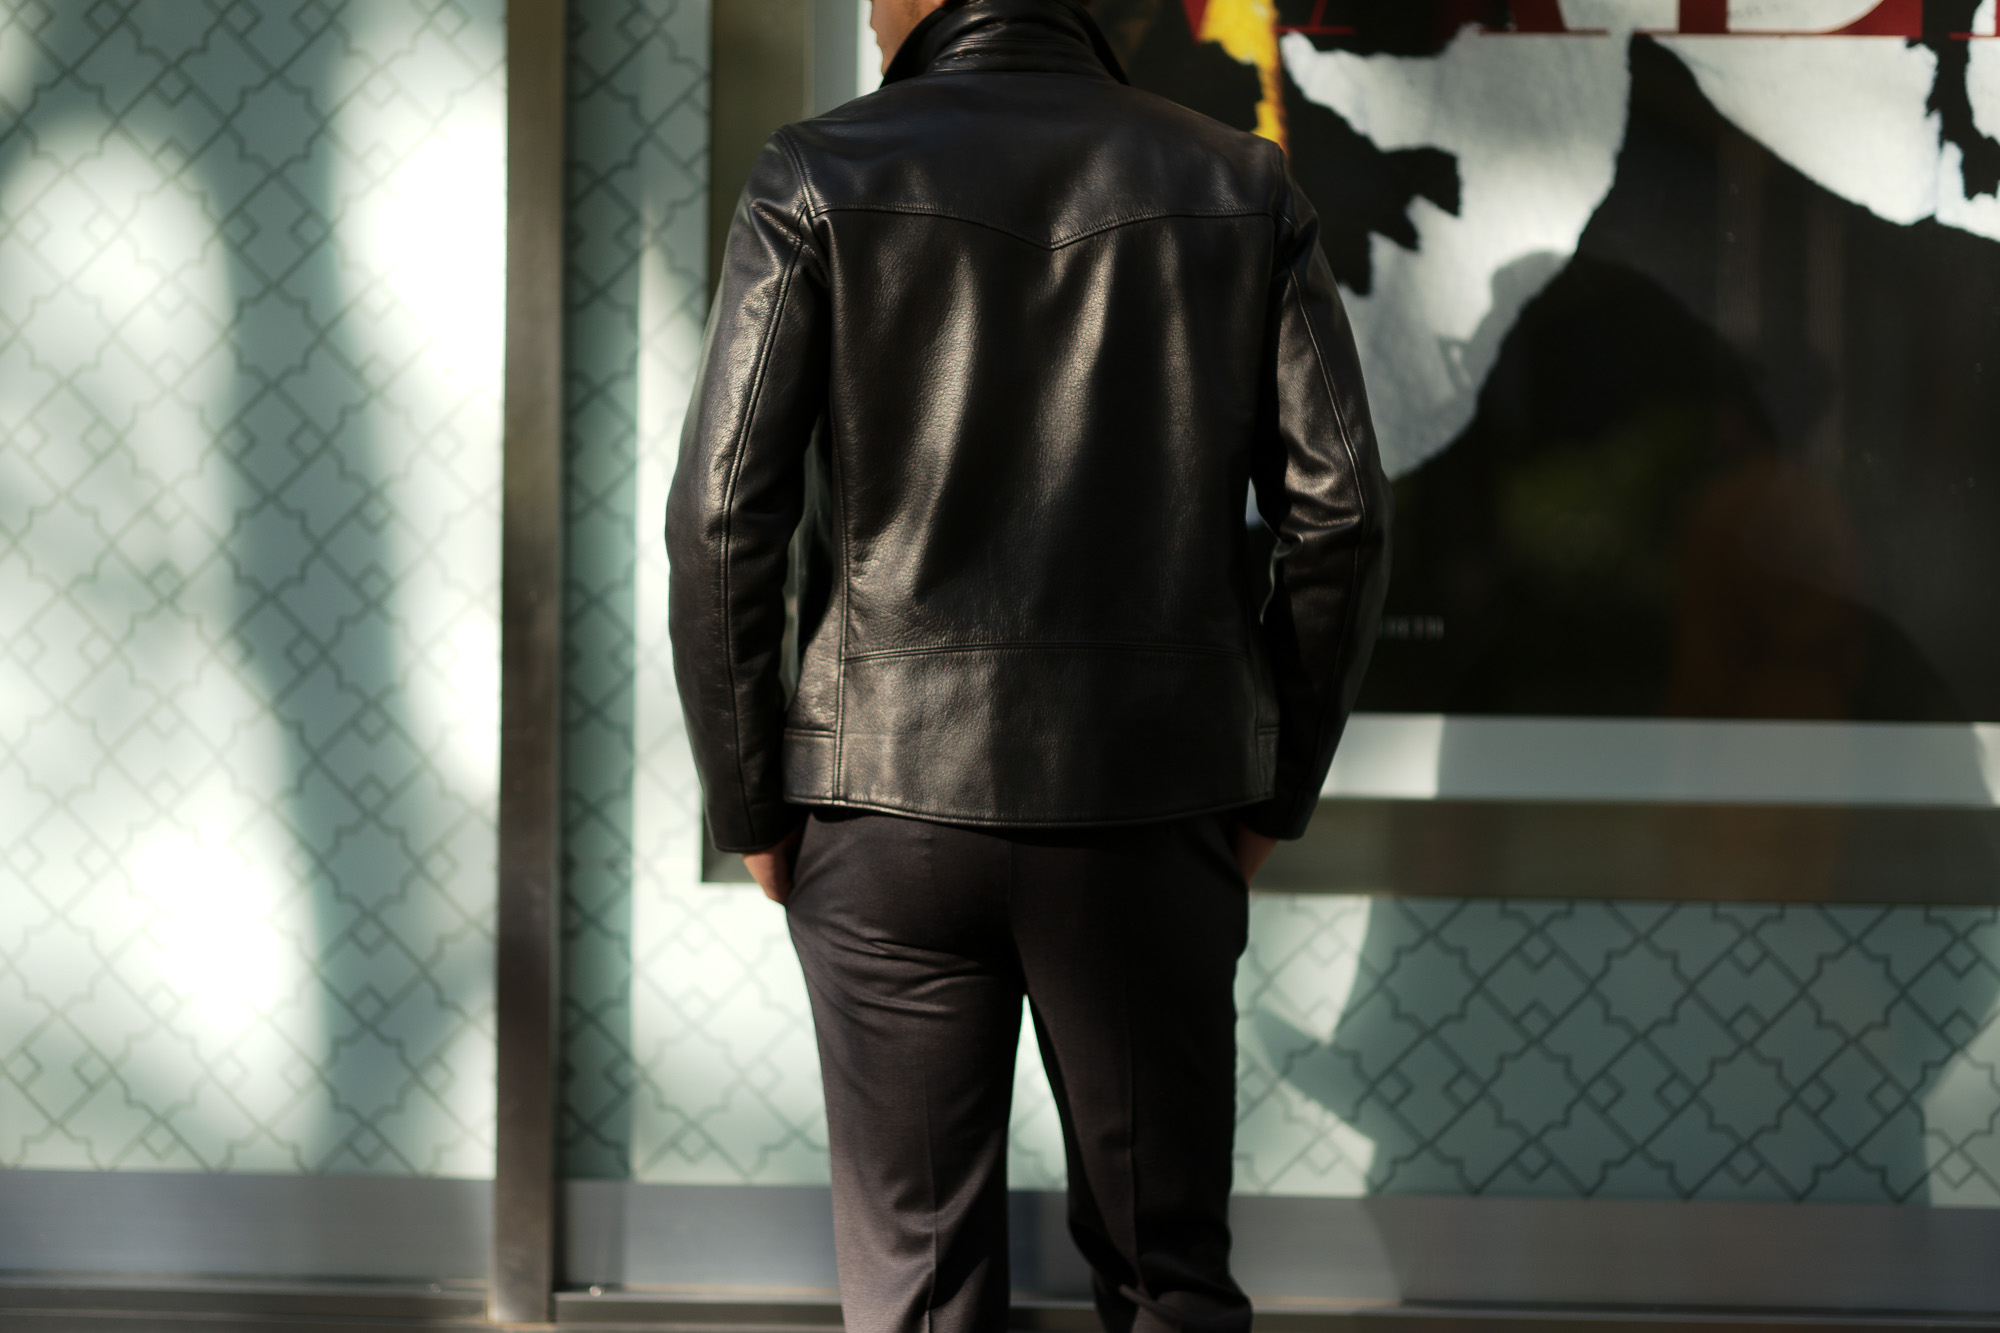 Cuervo (クエルボ) Satisfaction Leather Collection (サティスファクション レザー コレクション) TOM (トム) BUFFALO LEATHER (バッファロー レザー) シングル ライダース ジャケット BLACK (ブラック) MADE IN JAPAN (日本製) 2019 春夏【ご予約受付中】クエルボ レザージャケット 愛知 名古屋 alto e diritto アルトエデリット セレクトショップ